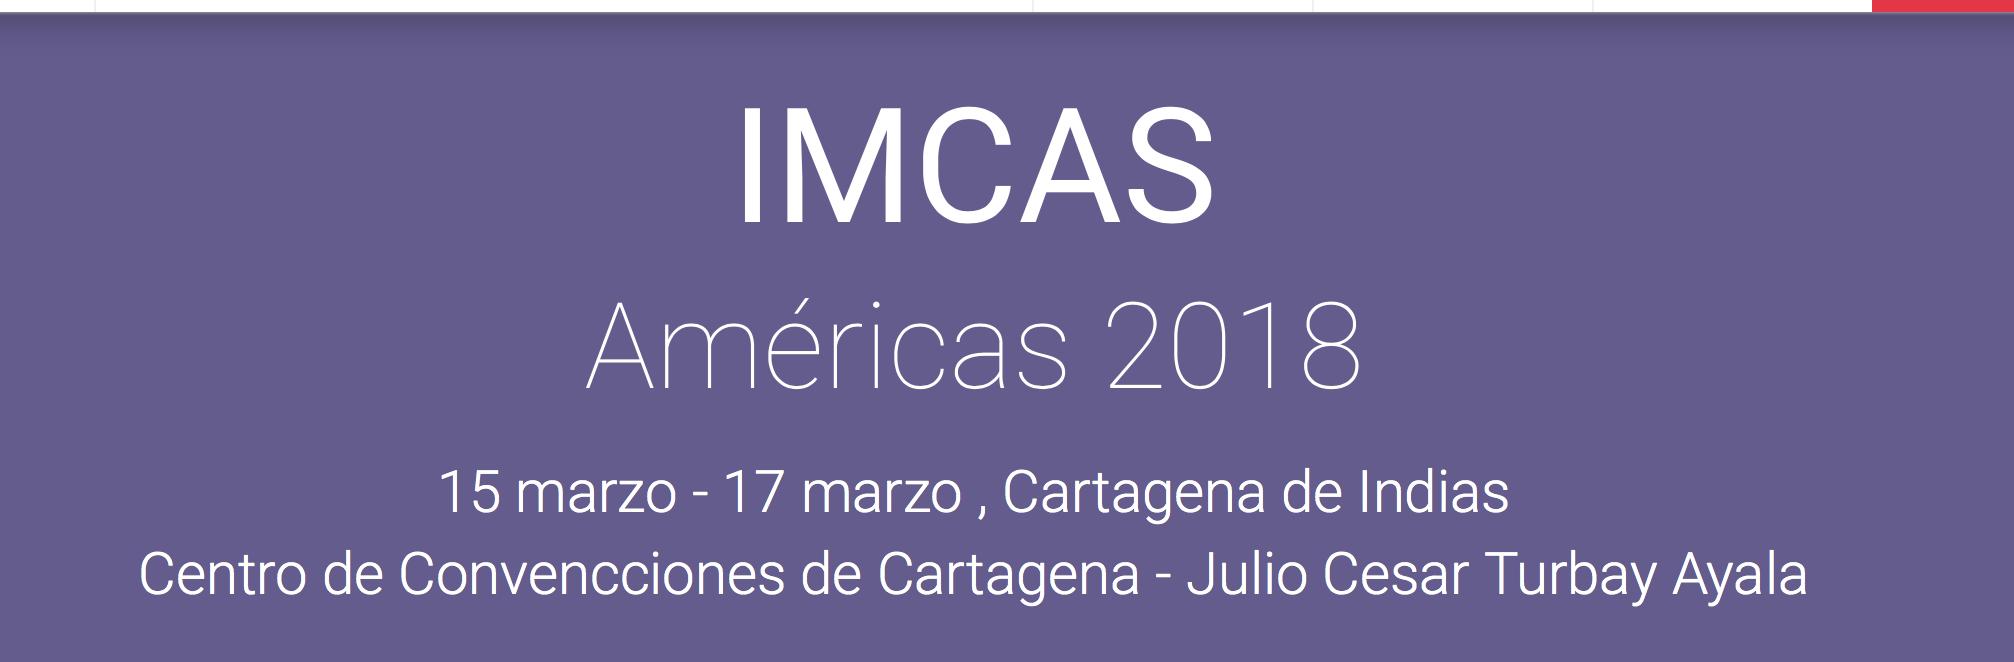 IMCAS Américas 2018